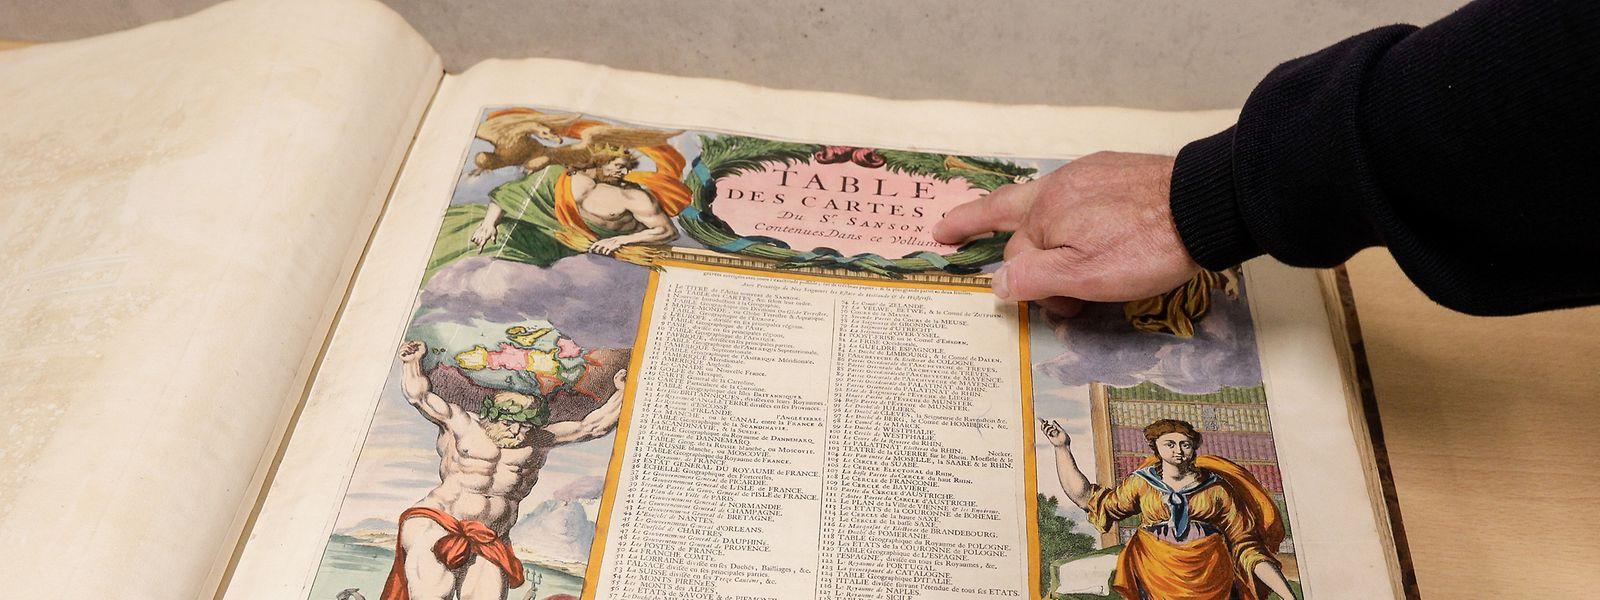 Les trésors sont nombreux dans les collections publiques, mais se pose le problème de leur entreposage et de leur conservation.